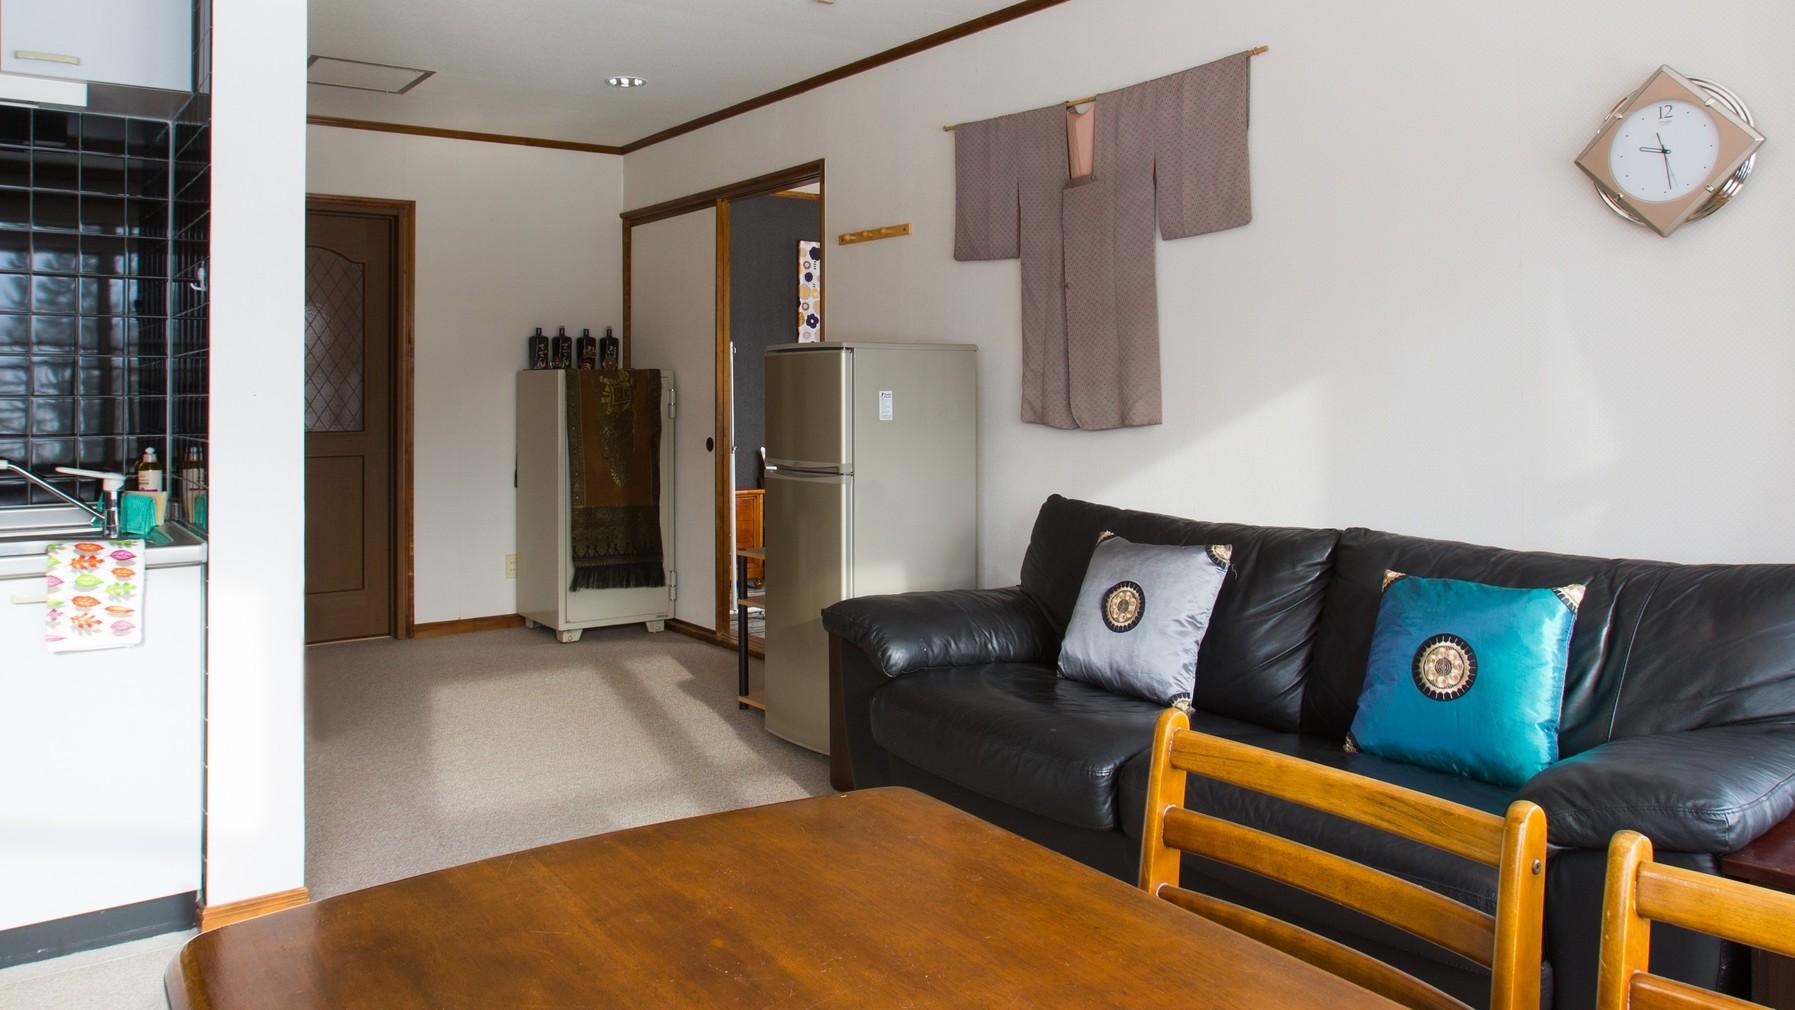 ラマットニセコ プライベートルーム